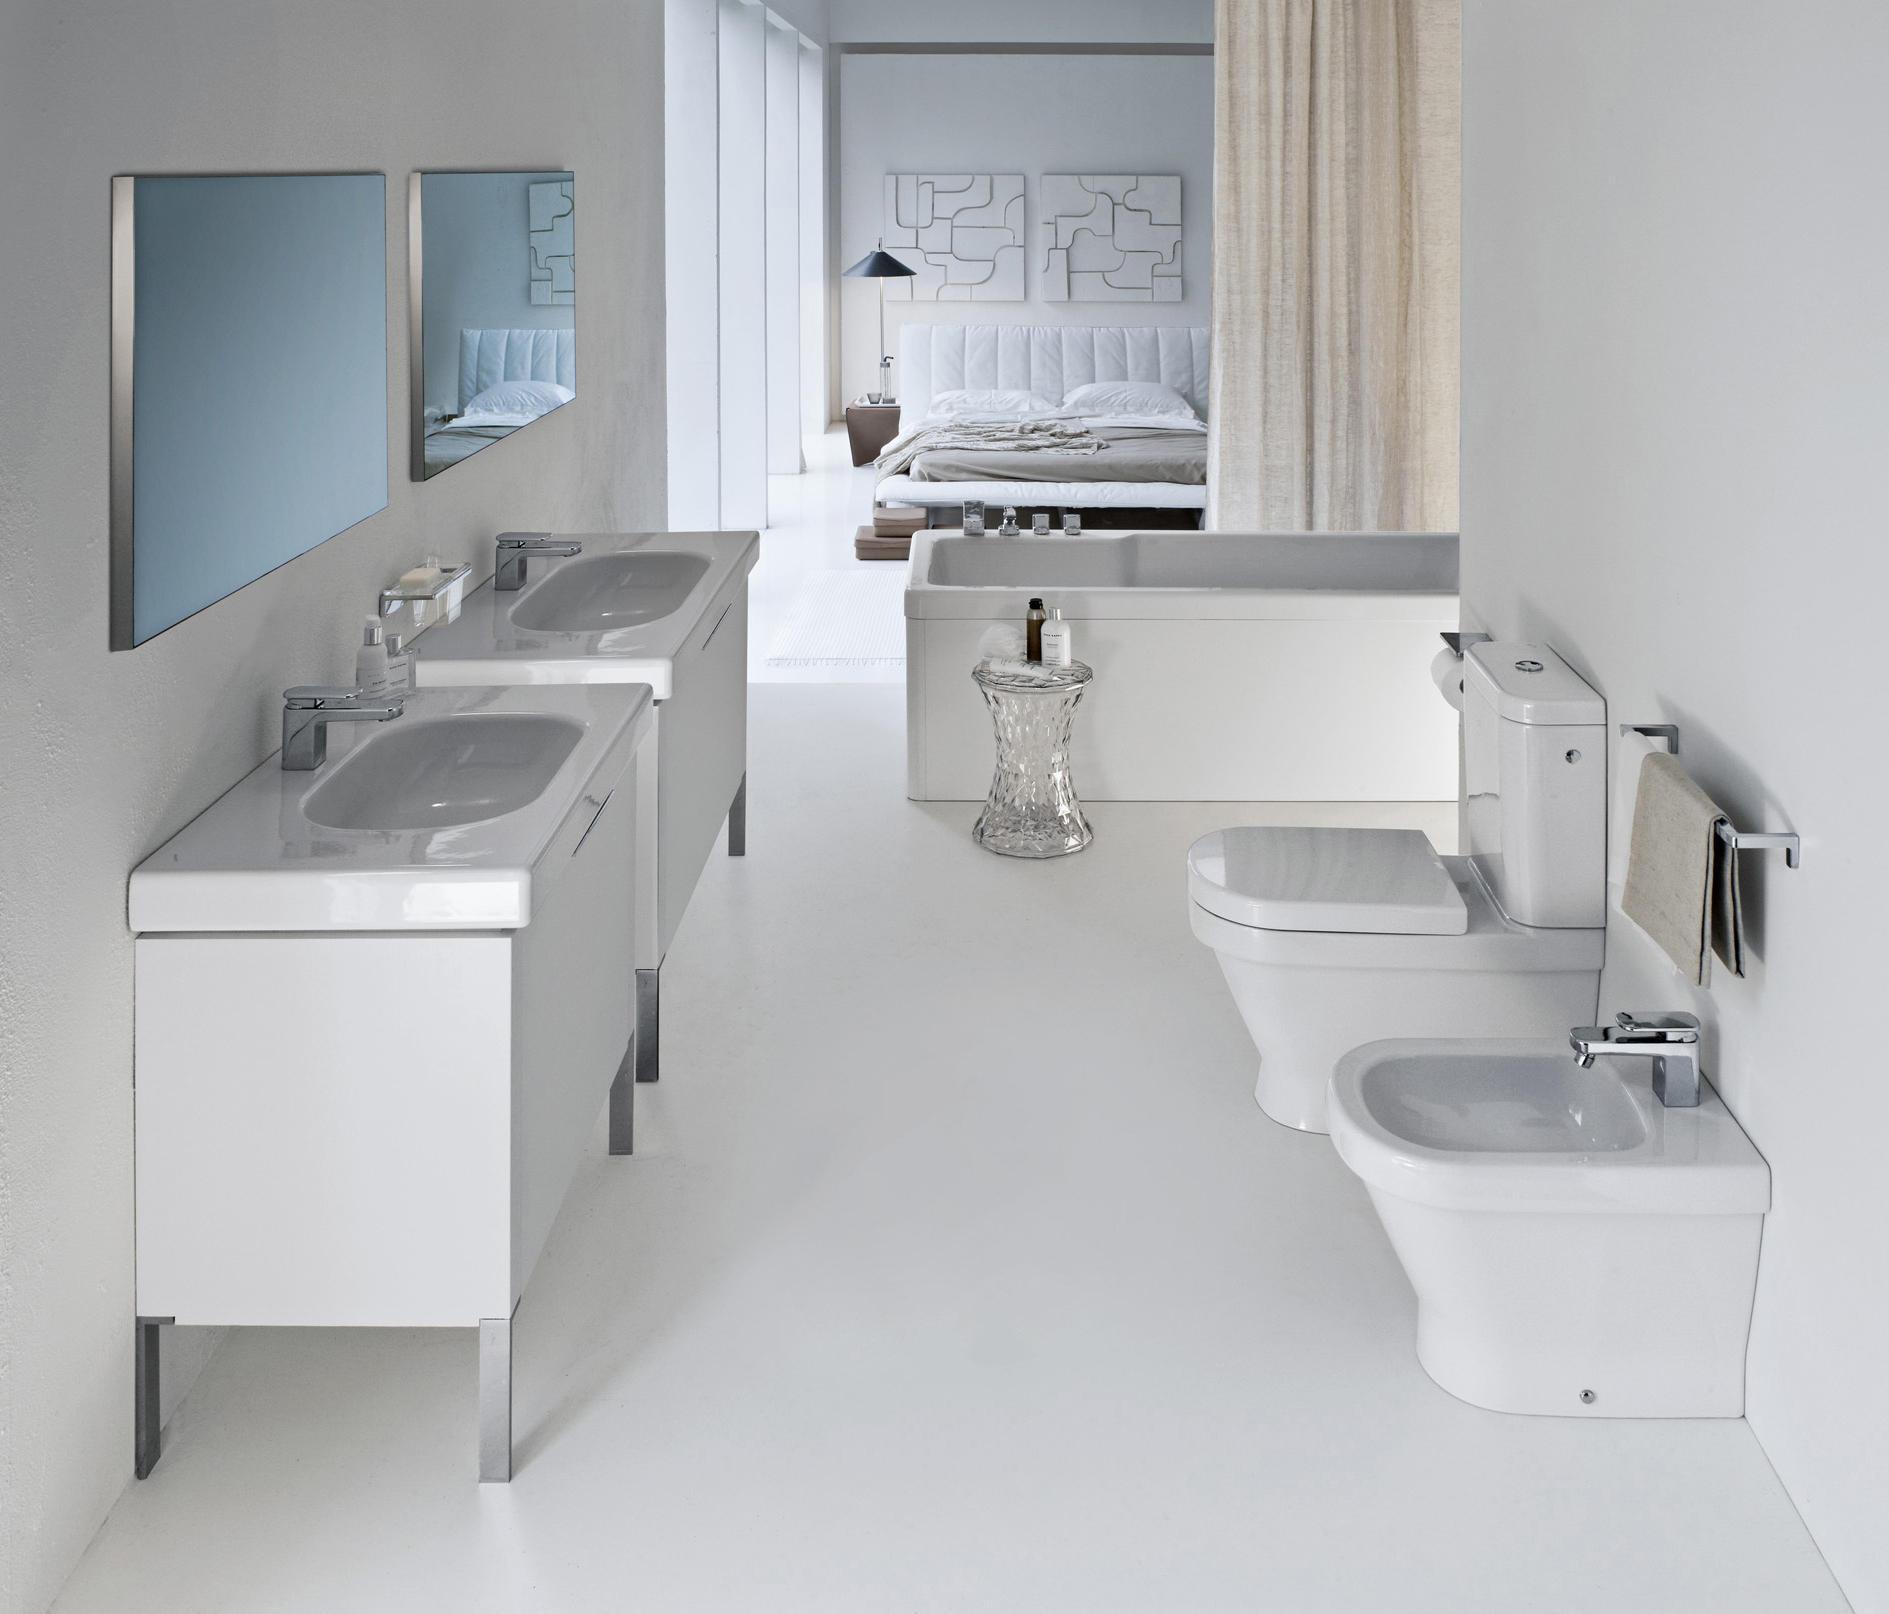 lb3 | badewanne - badewannen rechteckig von laufen | architonic, Schlafzimmer entwurf